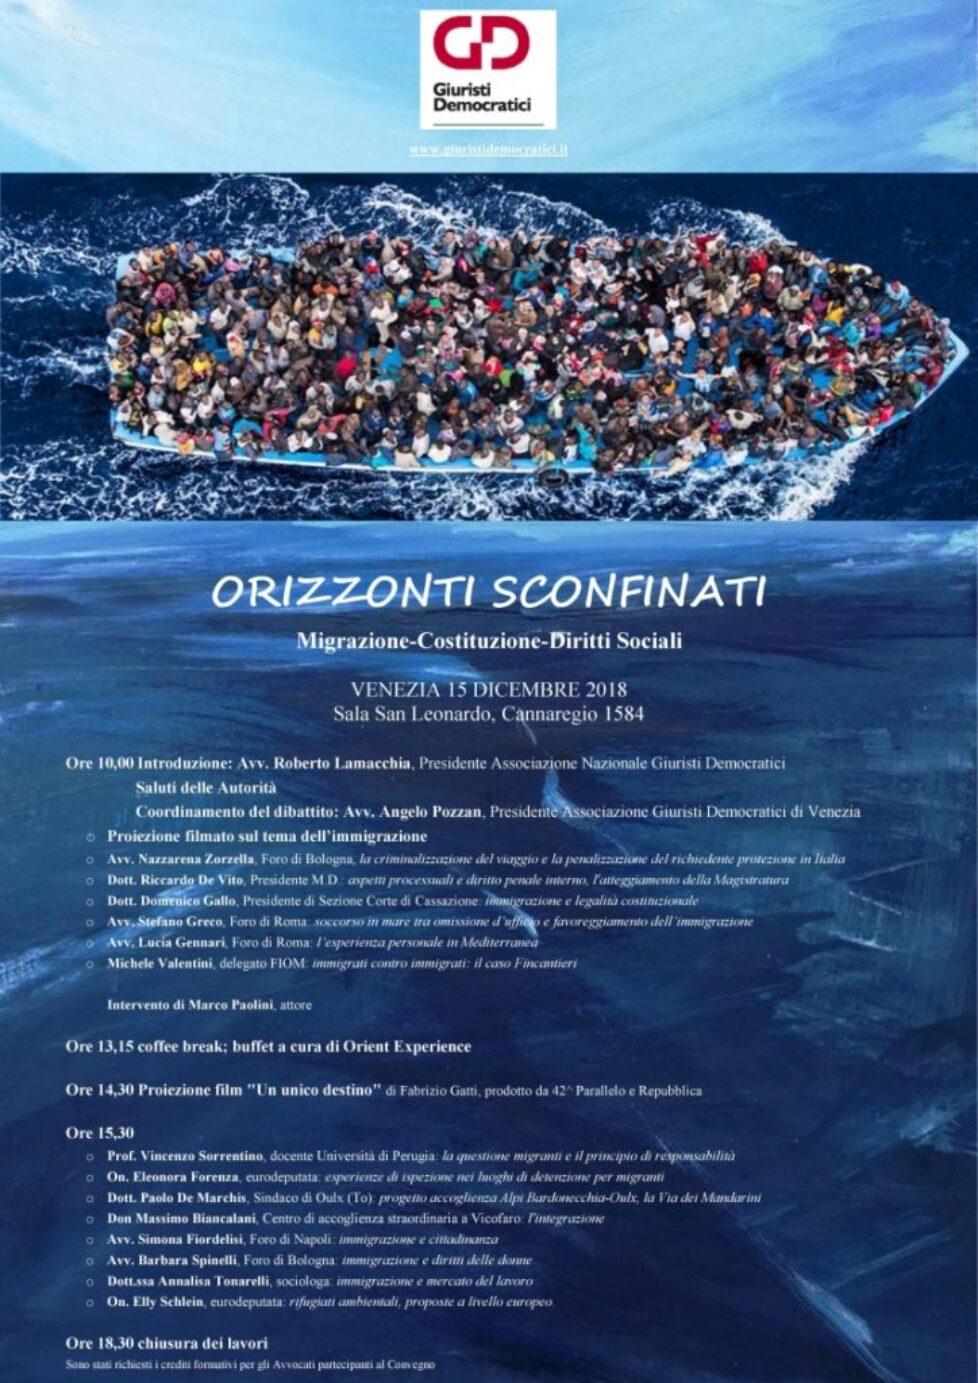 ORIZZONTI SCONFINATI – Migrazioni / Costituzione / Diritti sociali